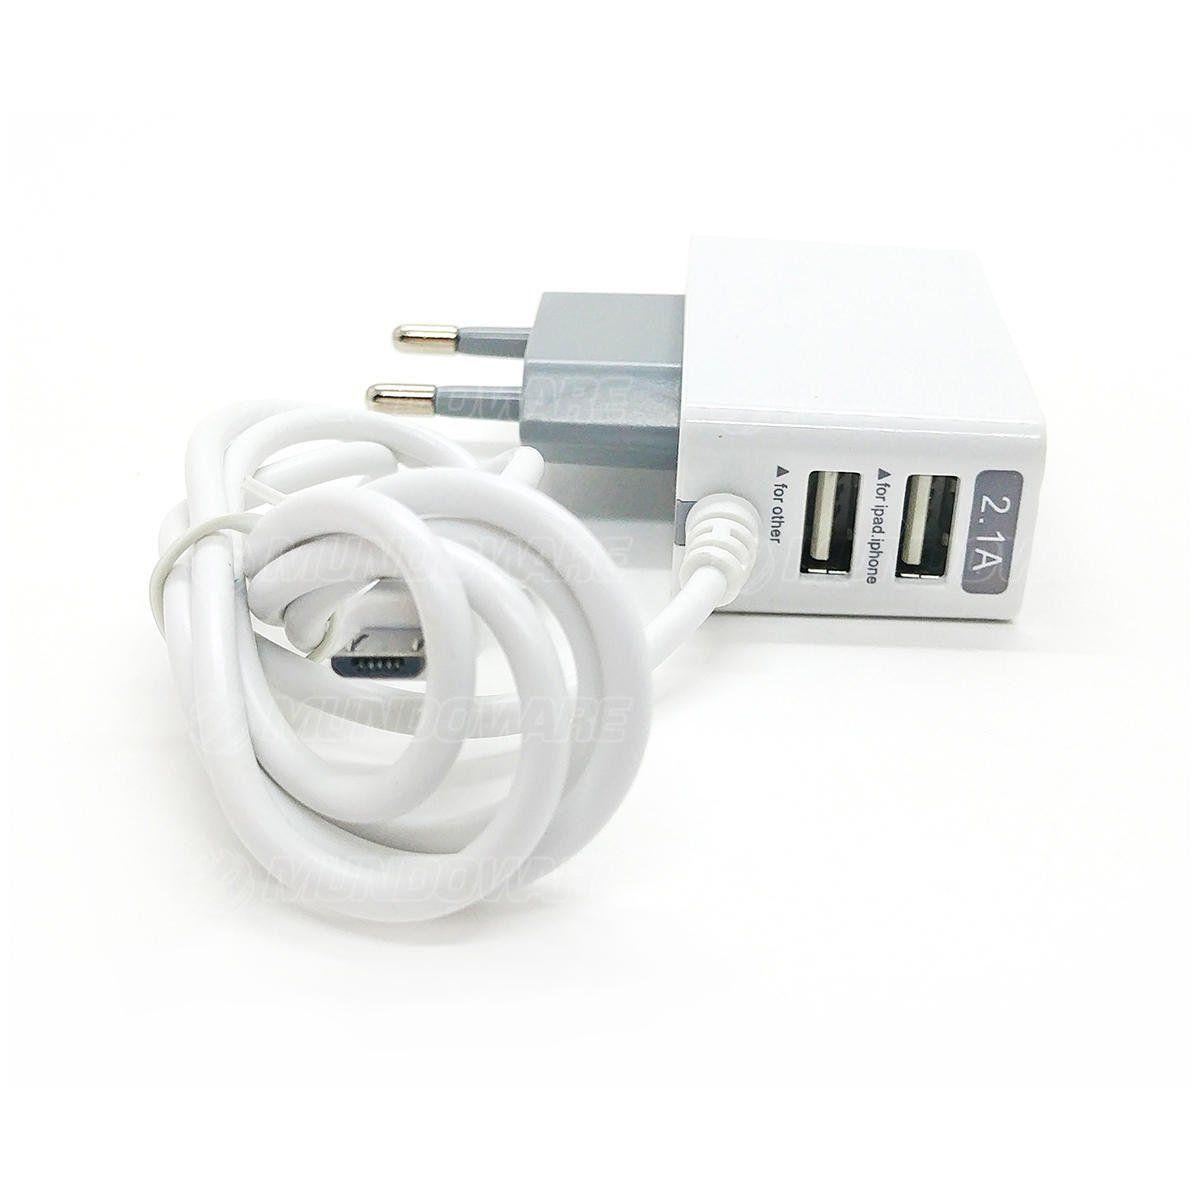 Carregador de Viagem USB Duplo para Celular com Cabo Micro USB V8 Bivolt Carga Rápida 2.1A com LED Exbom CA-S20